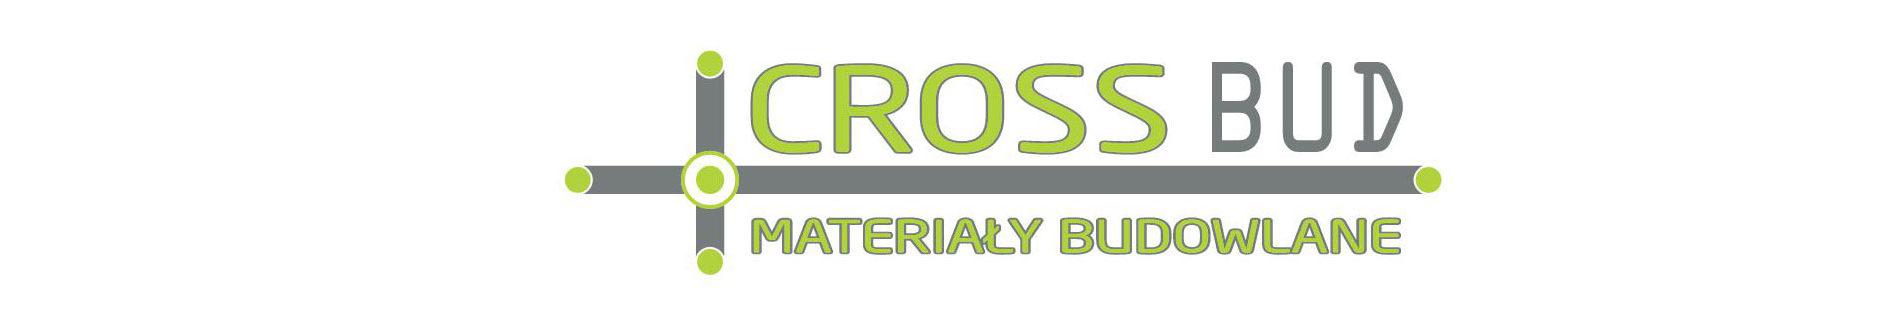 Crossbud – Materiały budowlane